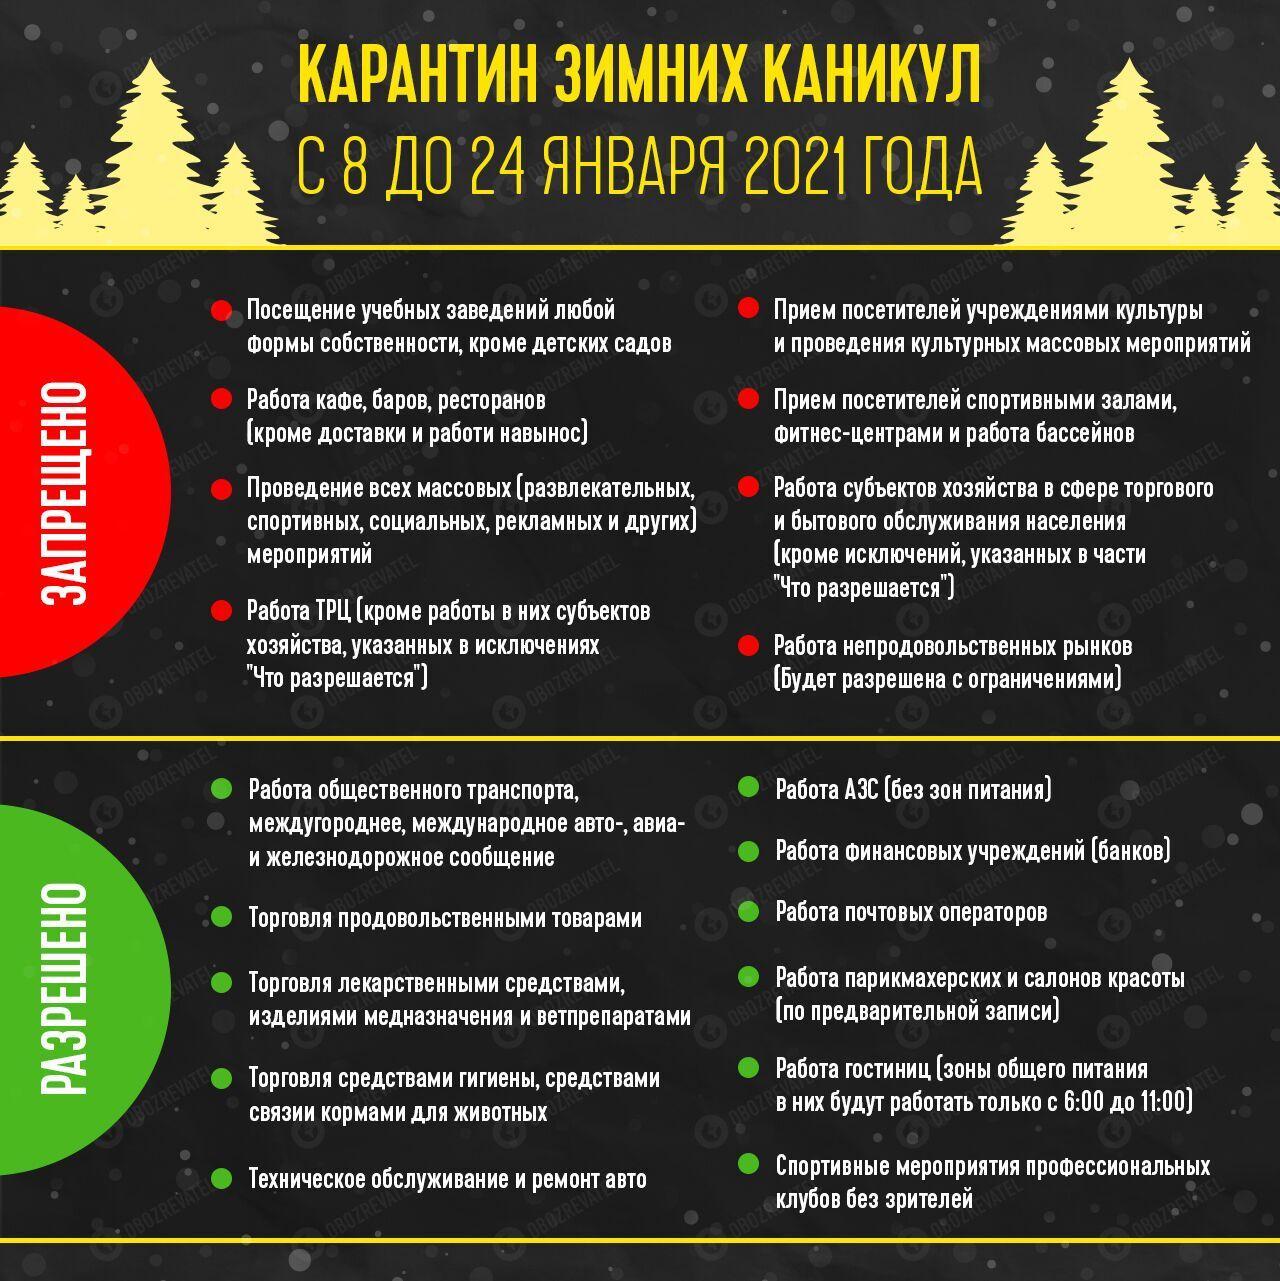 В Украине с 8 января 2021 года будет усилен карантин